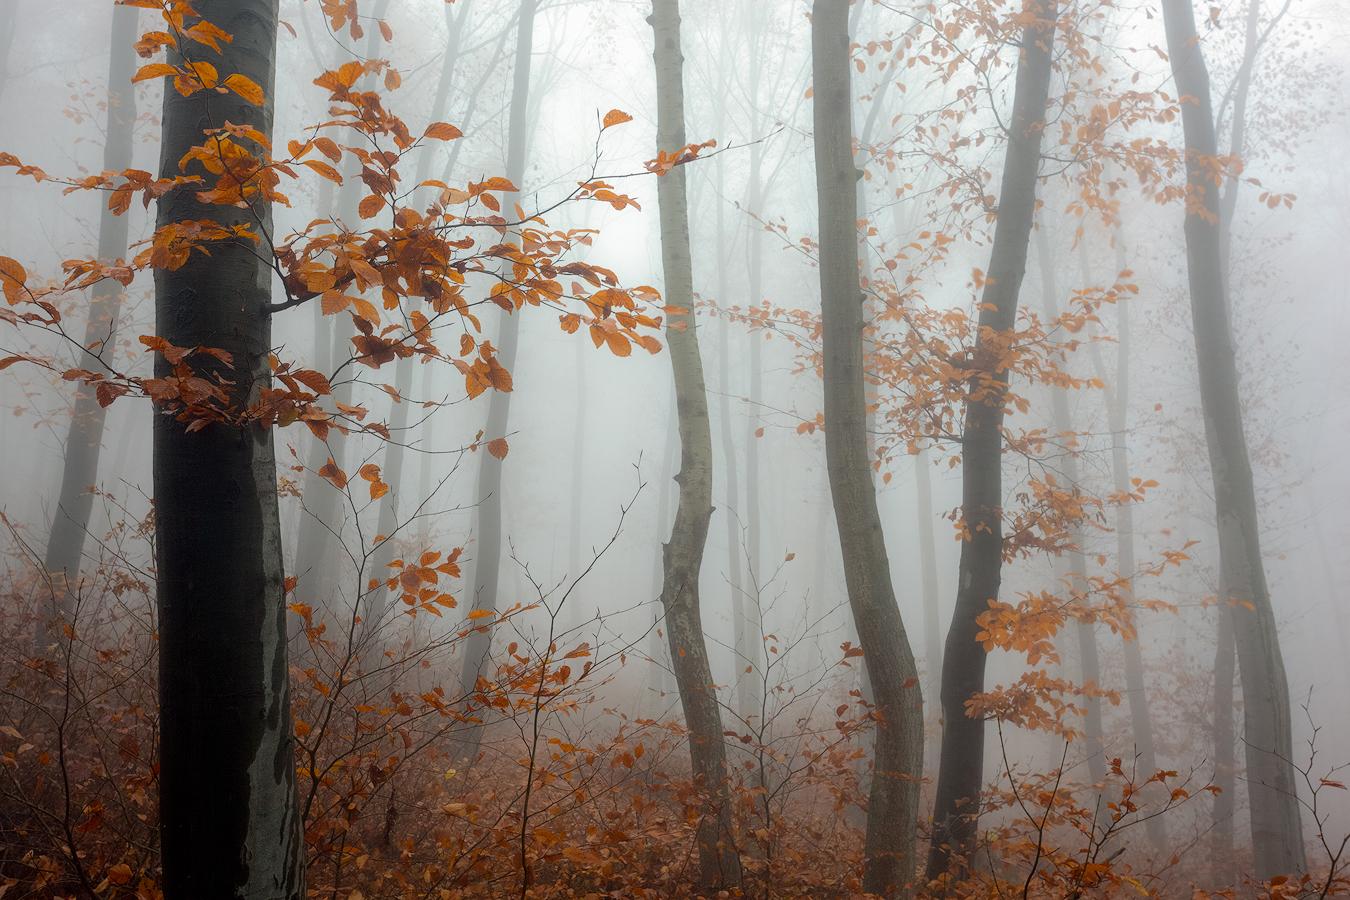 Photo in Nature | Author Svetlozar Asparuhov - exobexo | PHOTO FORUM